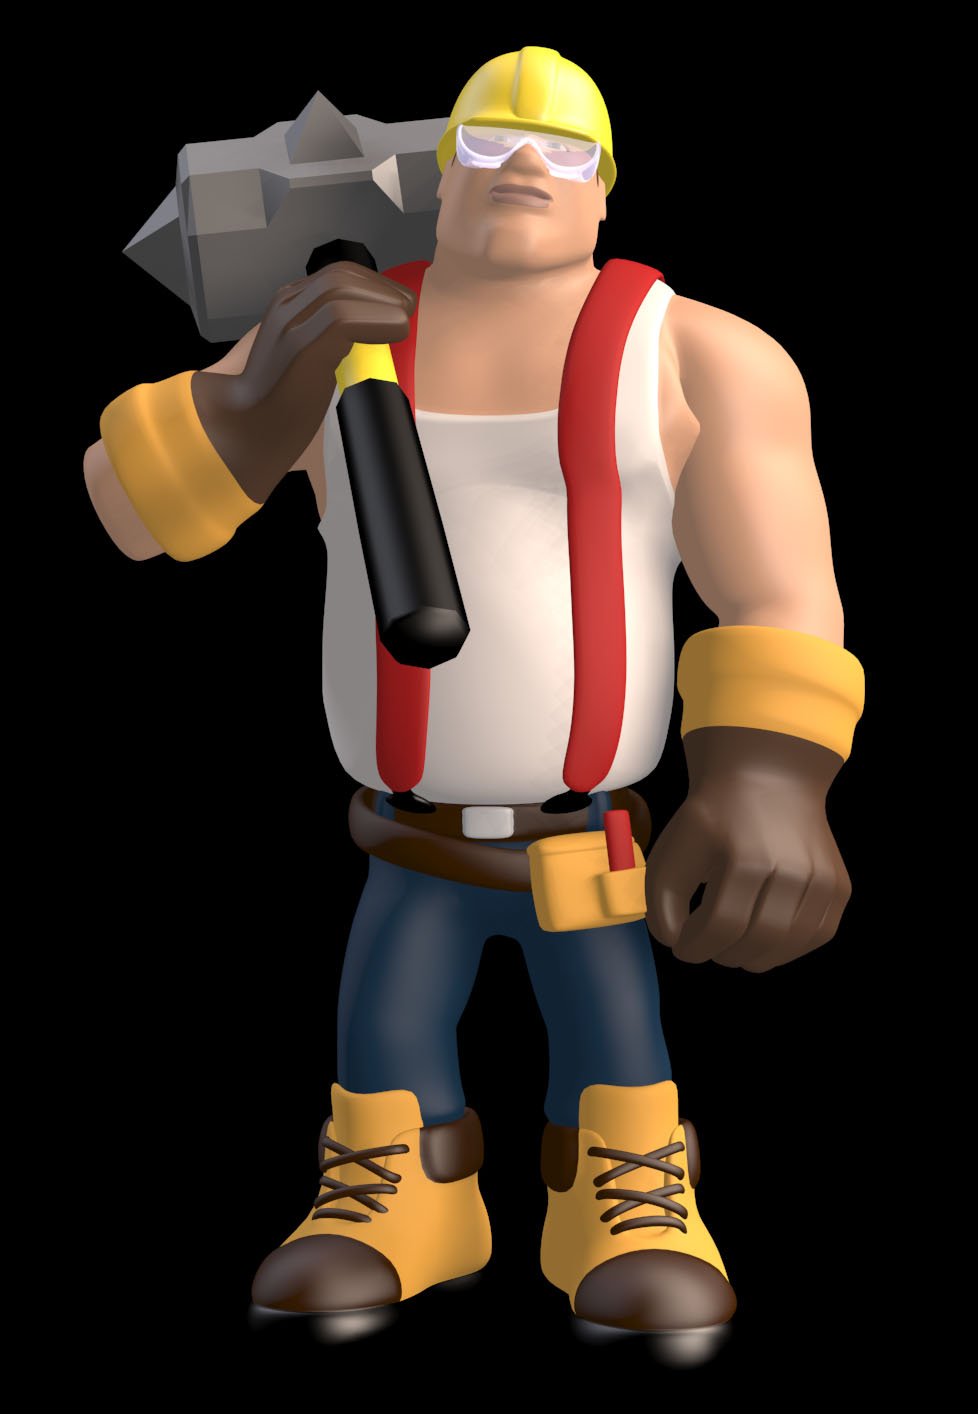 3D game character: Wrecker